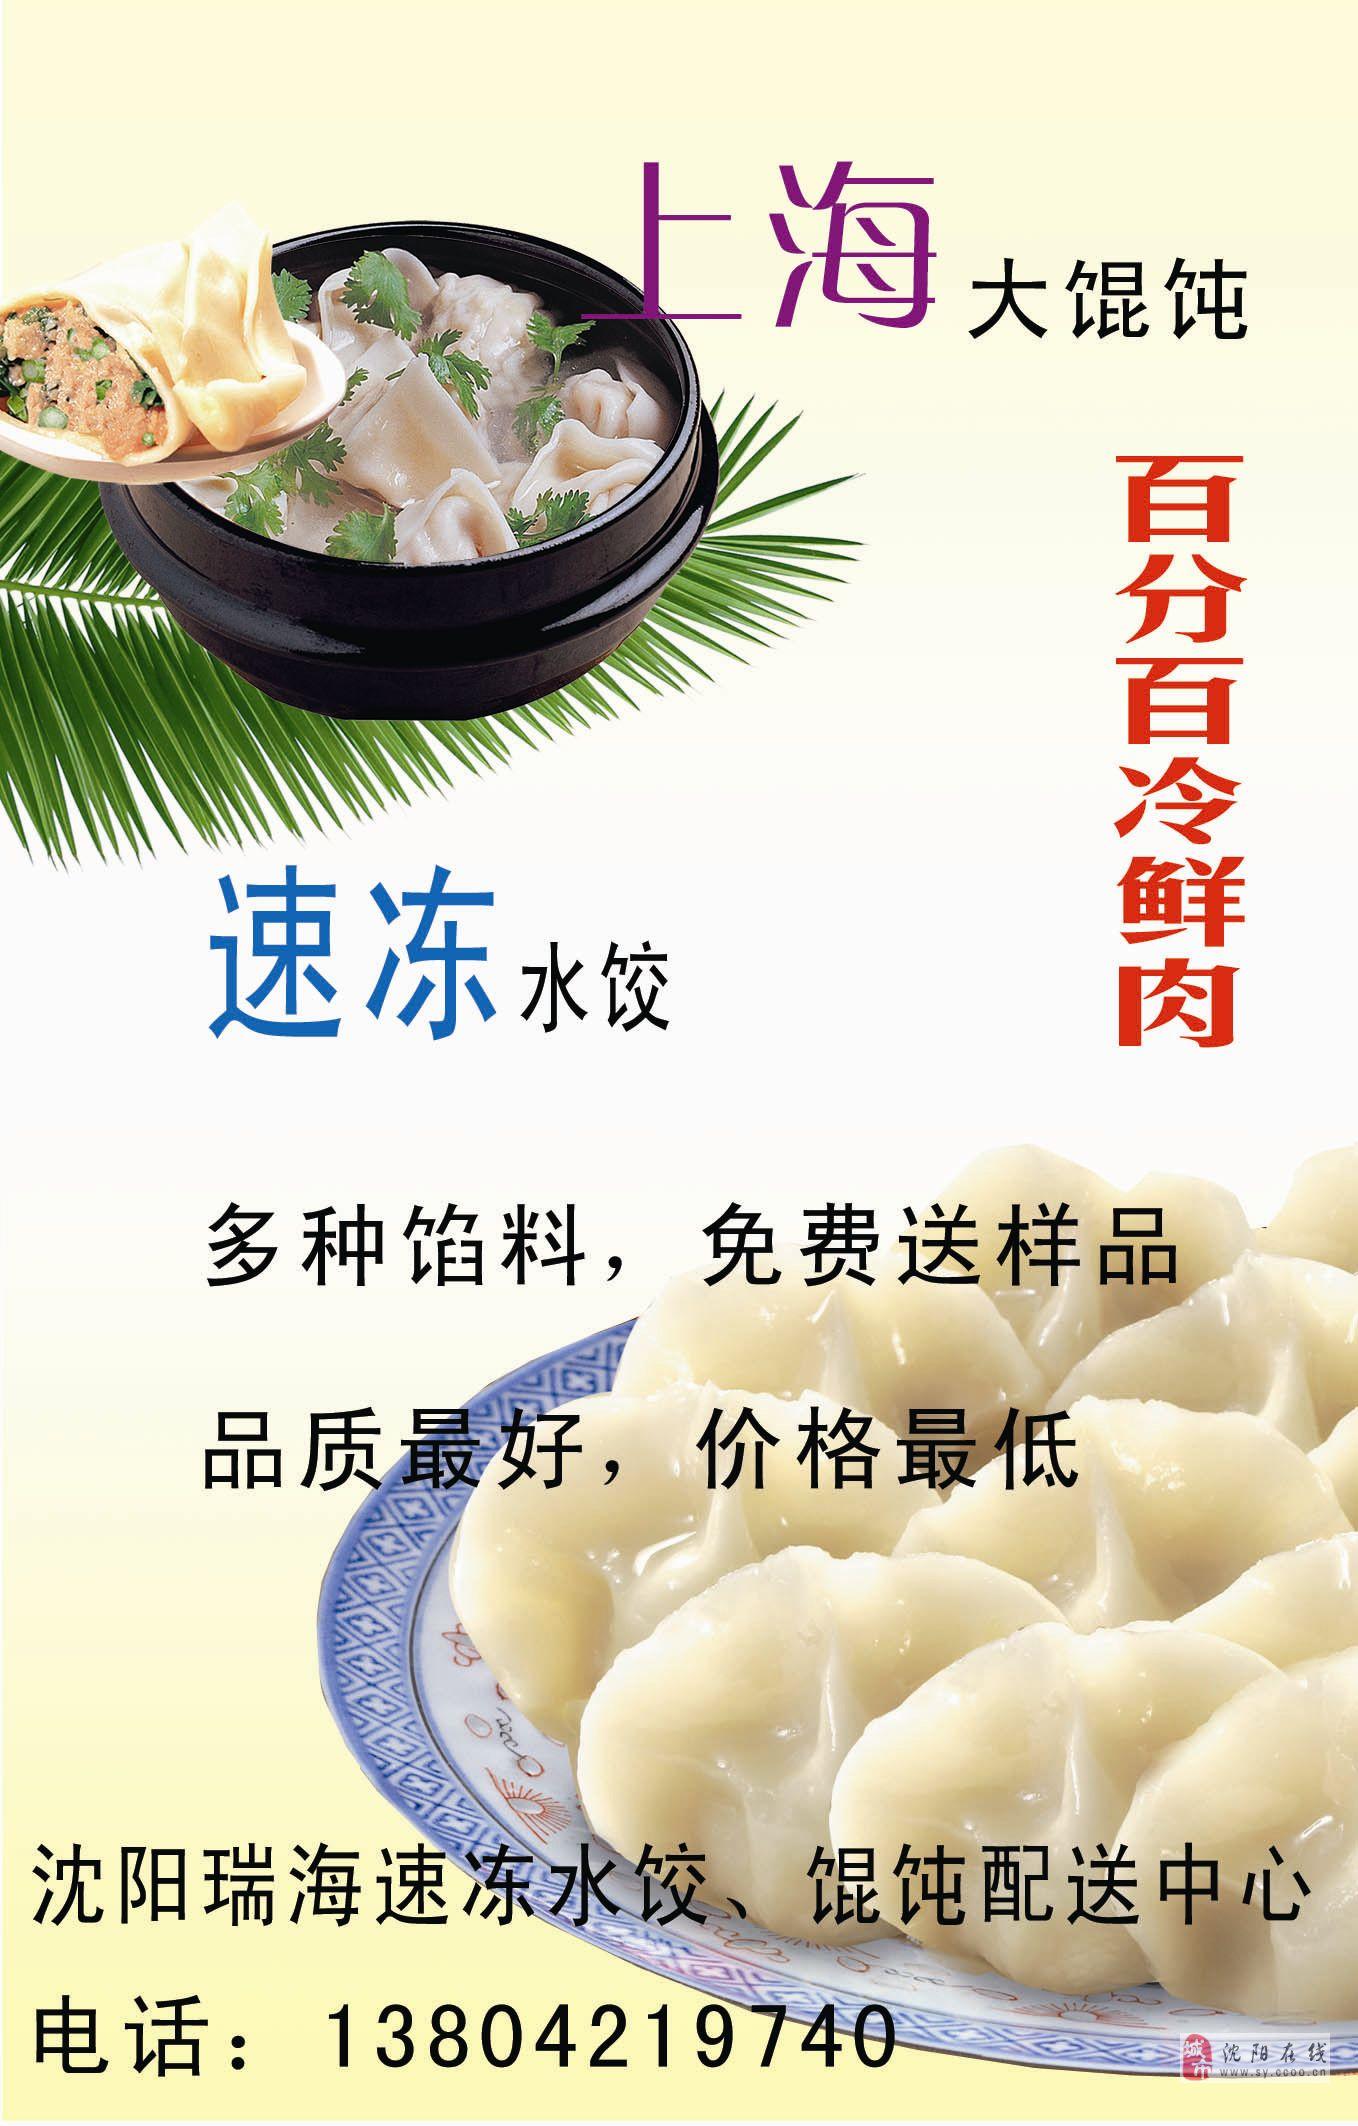 沈阳速冻饺子、水饺、馄饨面对酒店、食堂免费配送